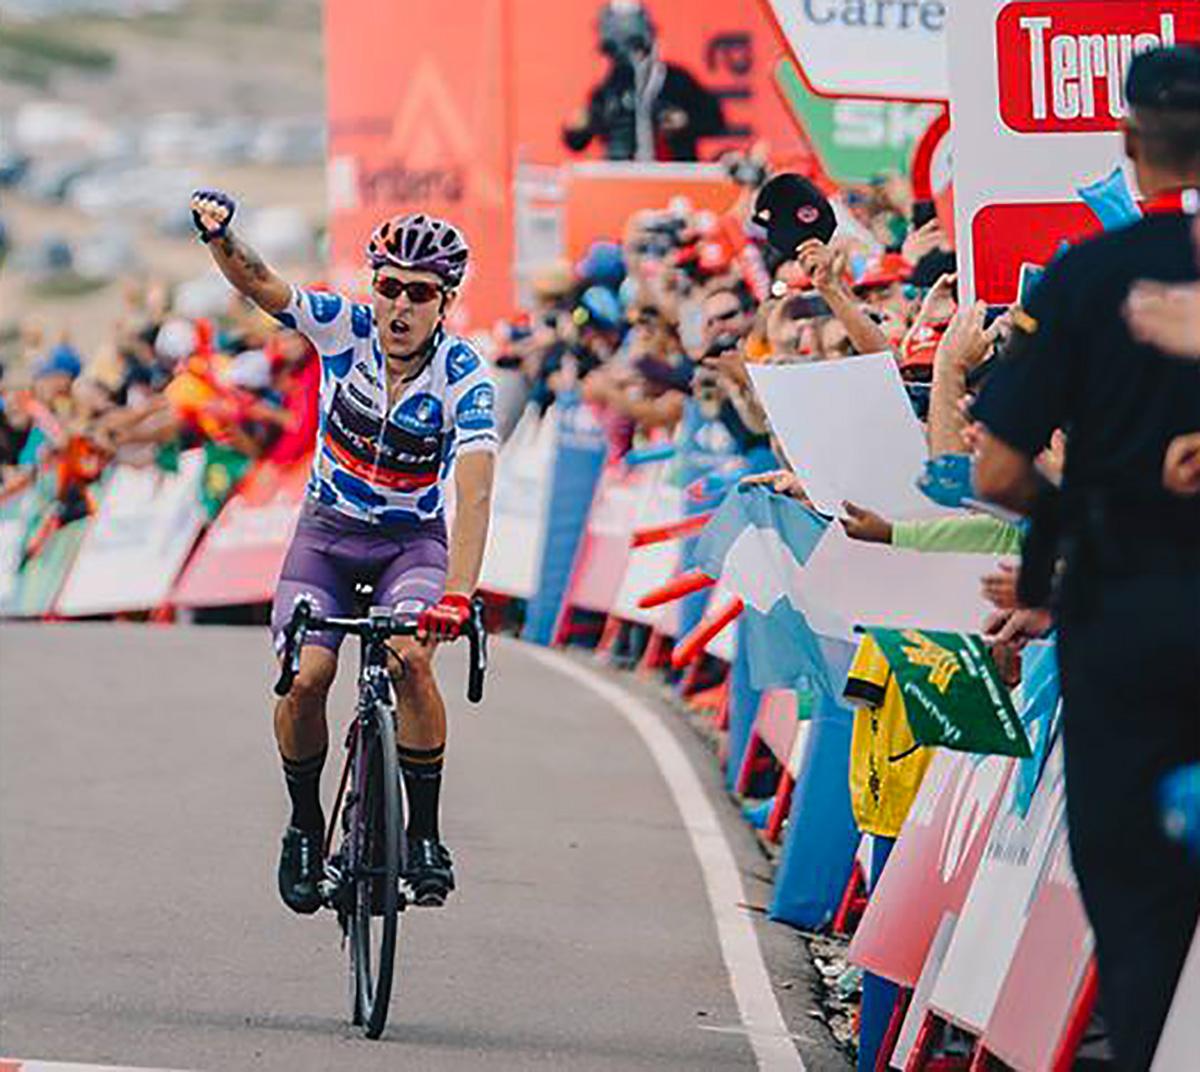 Angel Madrazo vince la tappa 5 della Vuelta 2019